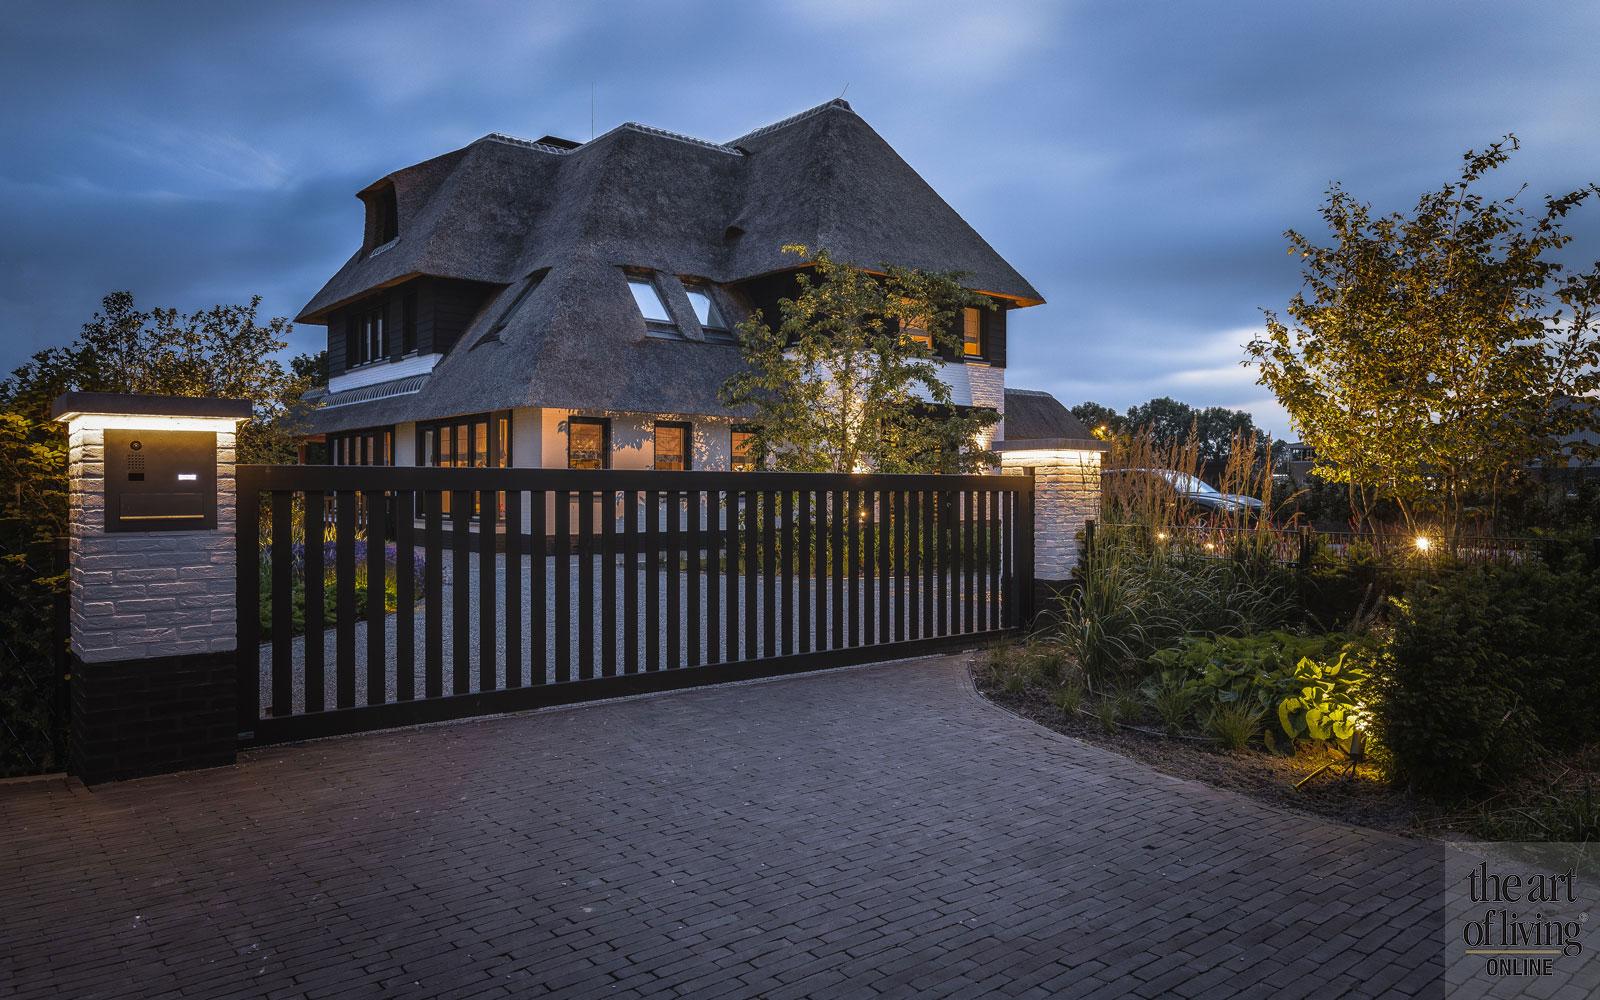 Droomvilla met rieten dak, Bouwbedrijf Van Leent, The Art of Living